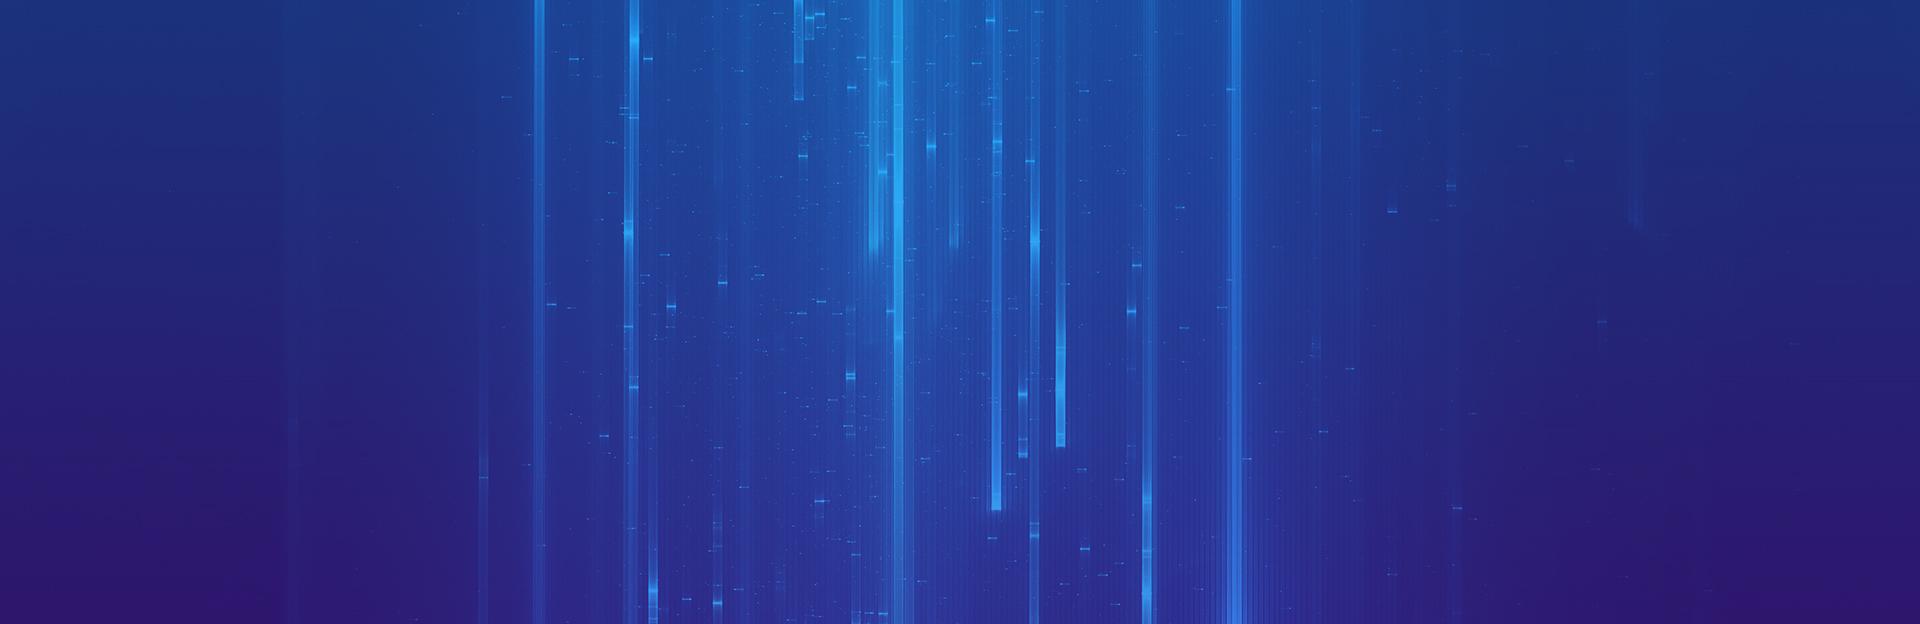 cyber-resilience-webinar3